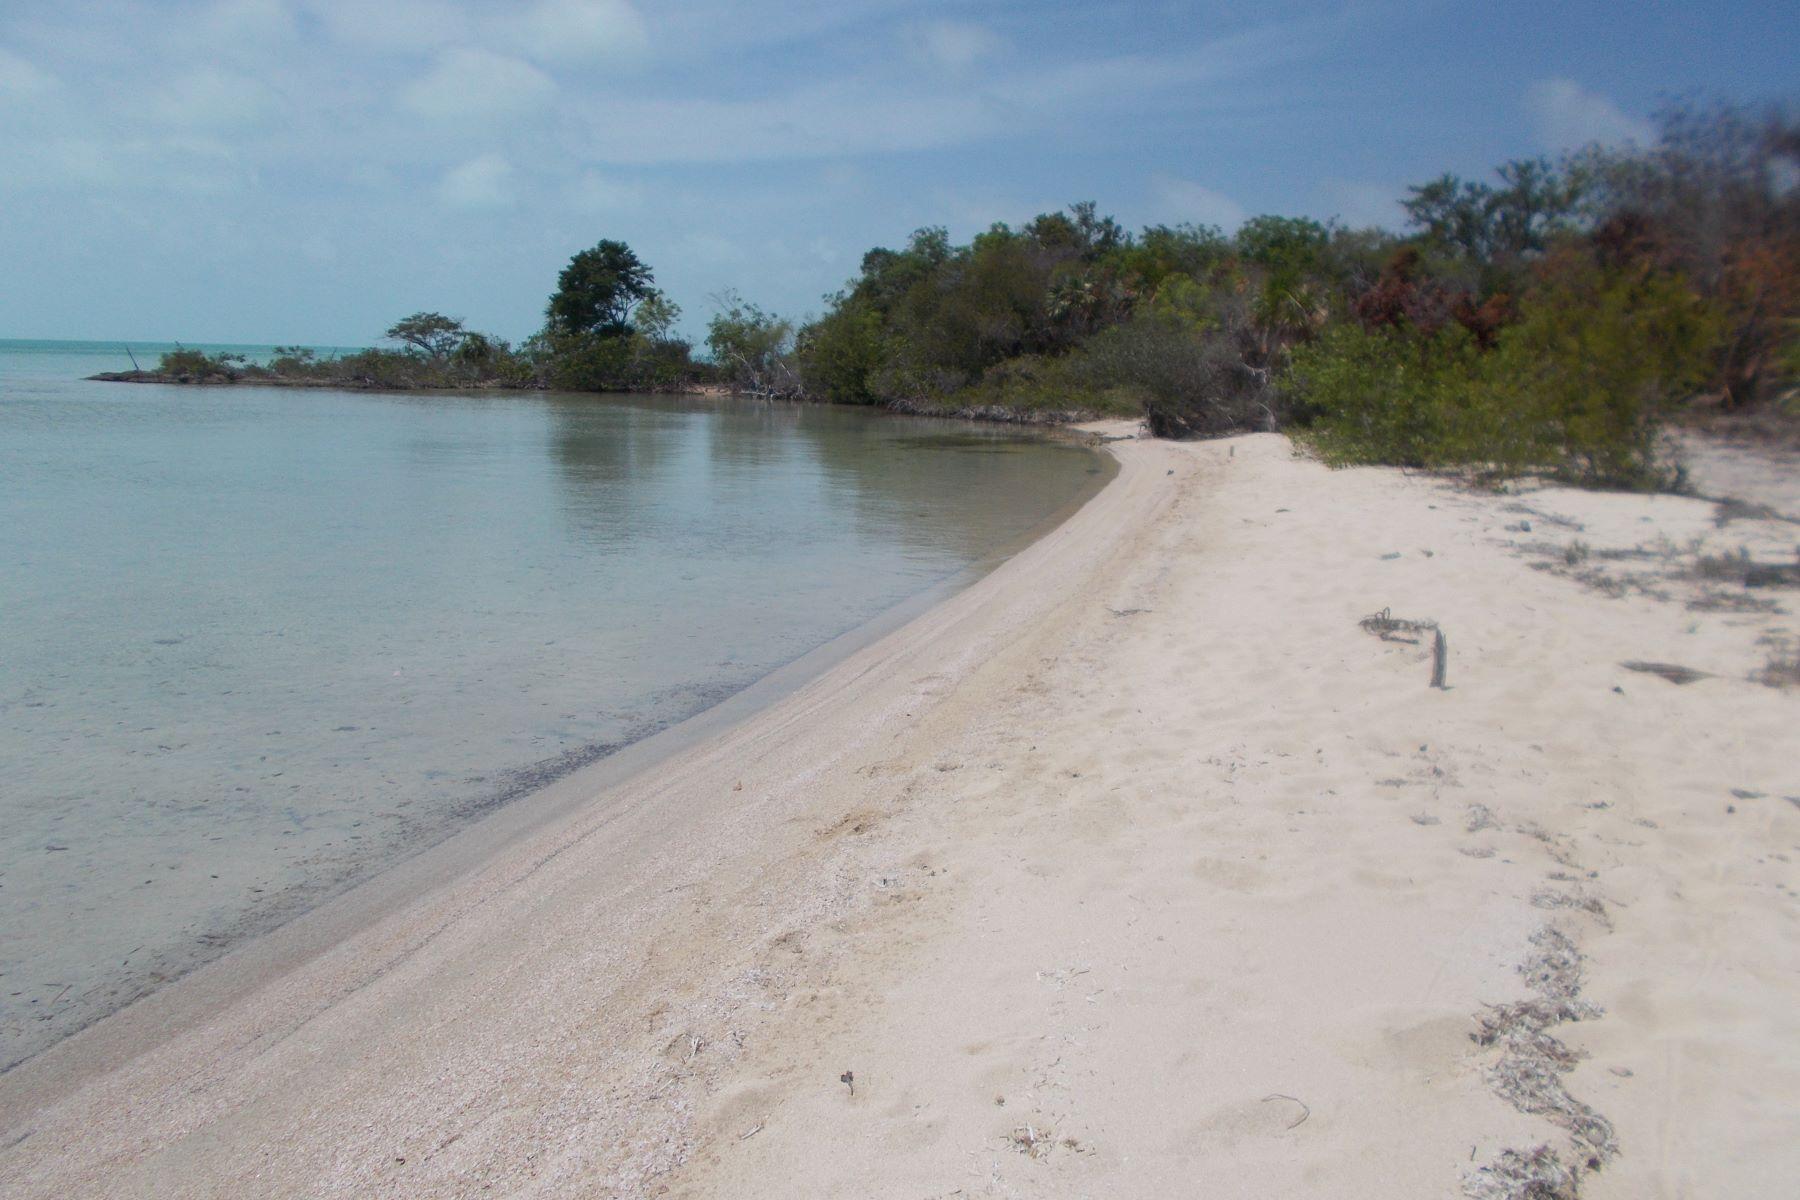 토지 용 매매 에 Caribbean Coves Lot No. 32A San Pedro Town, Ambergris Caye, 벨리즈